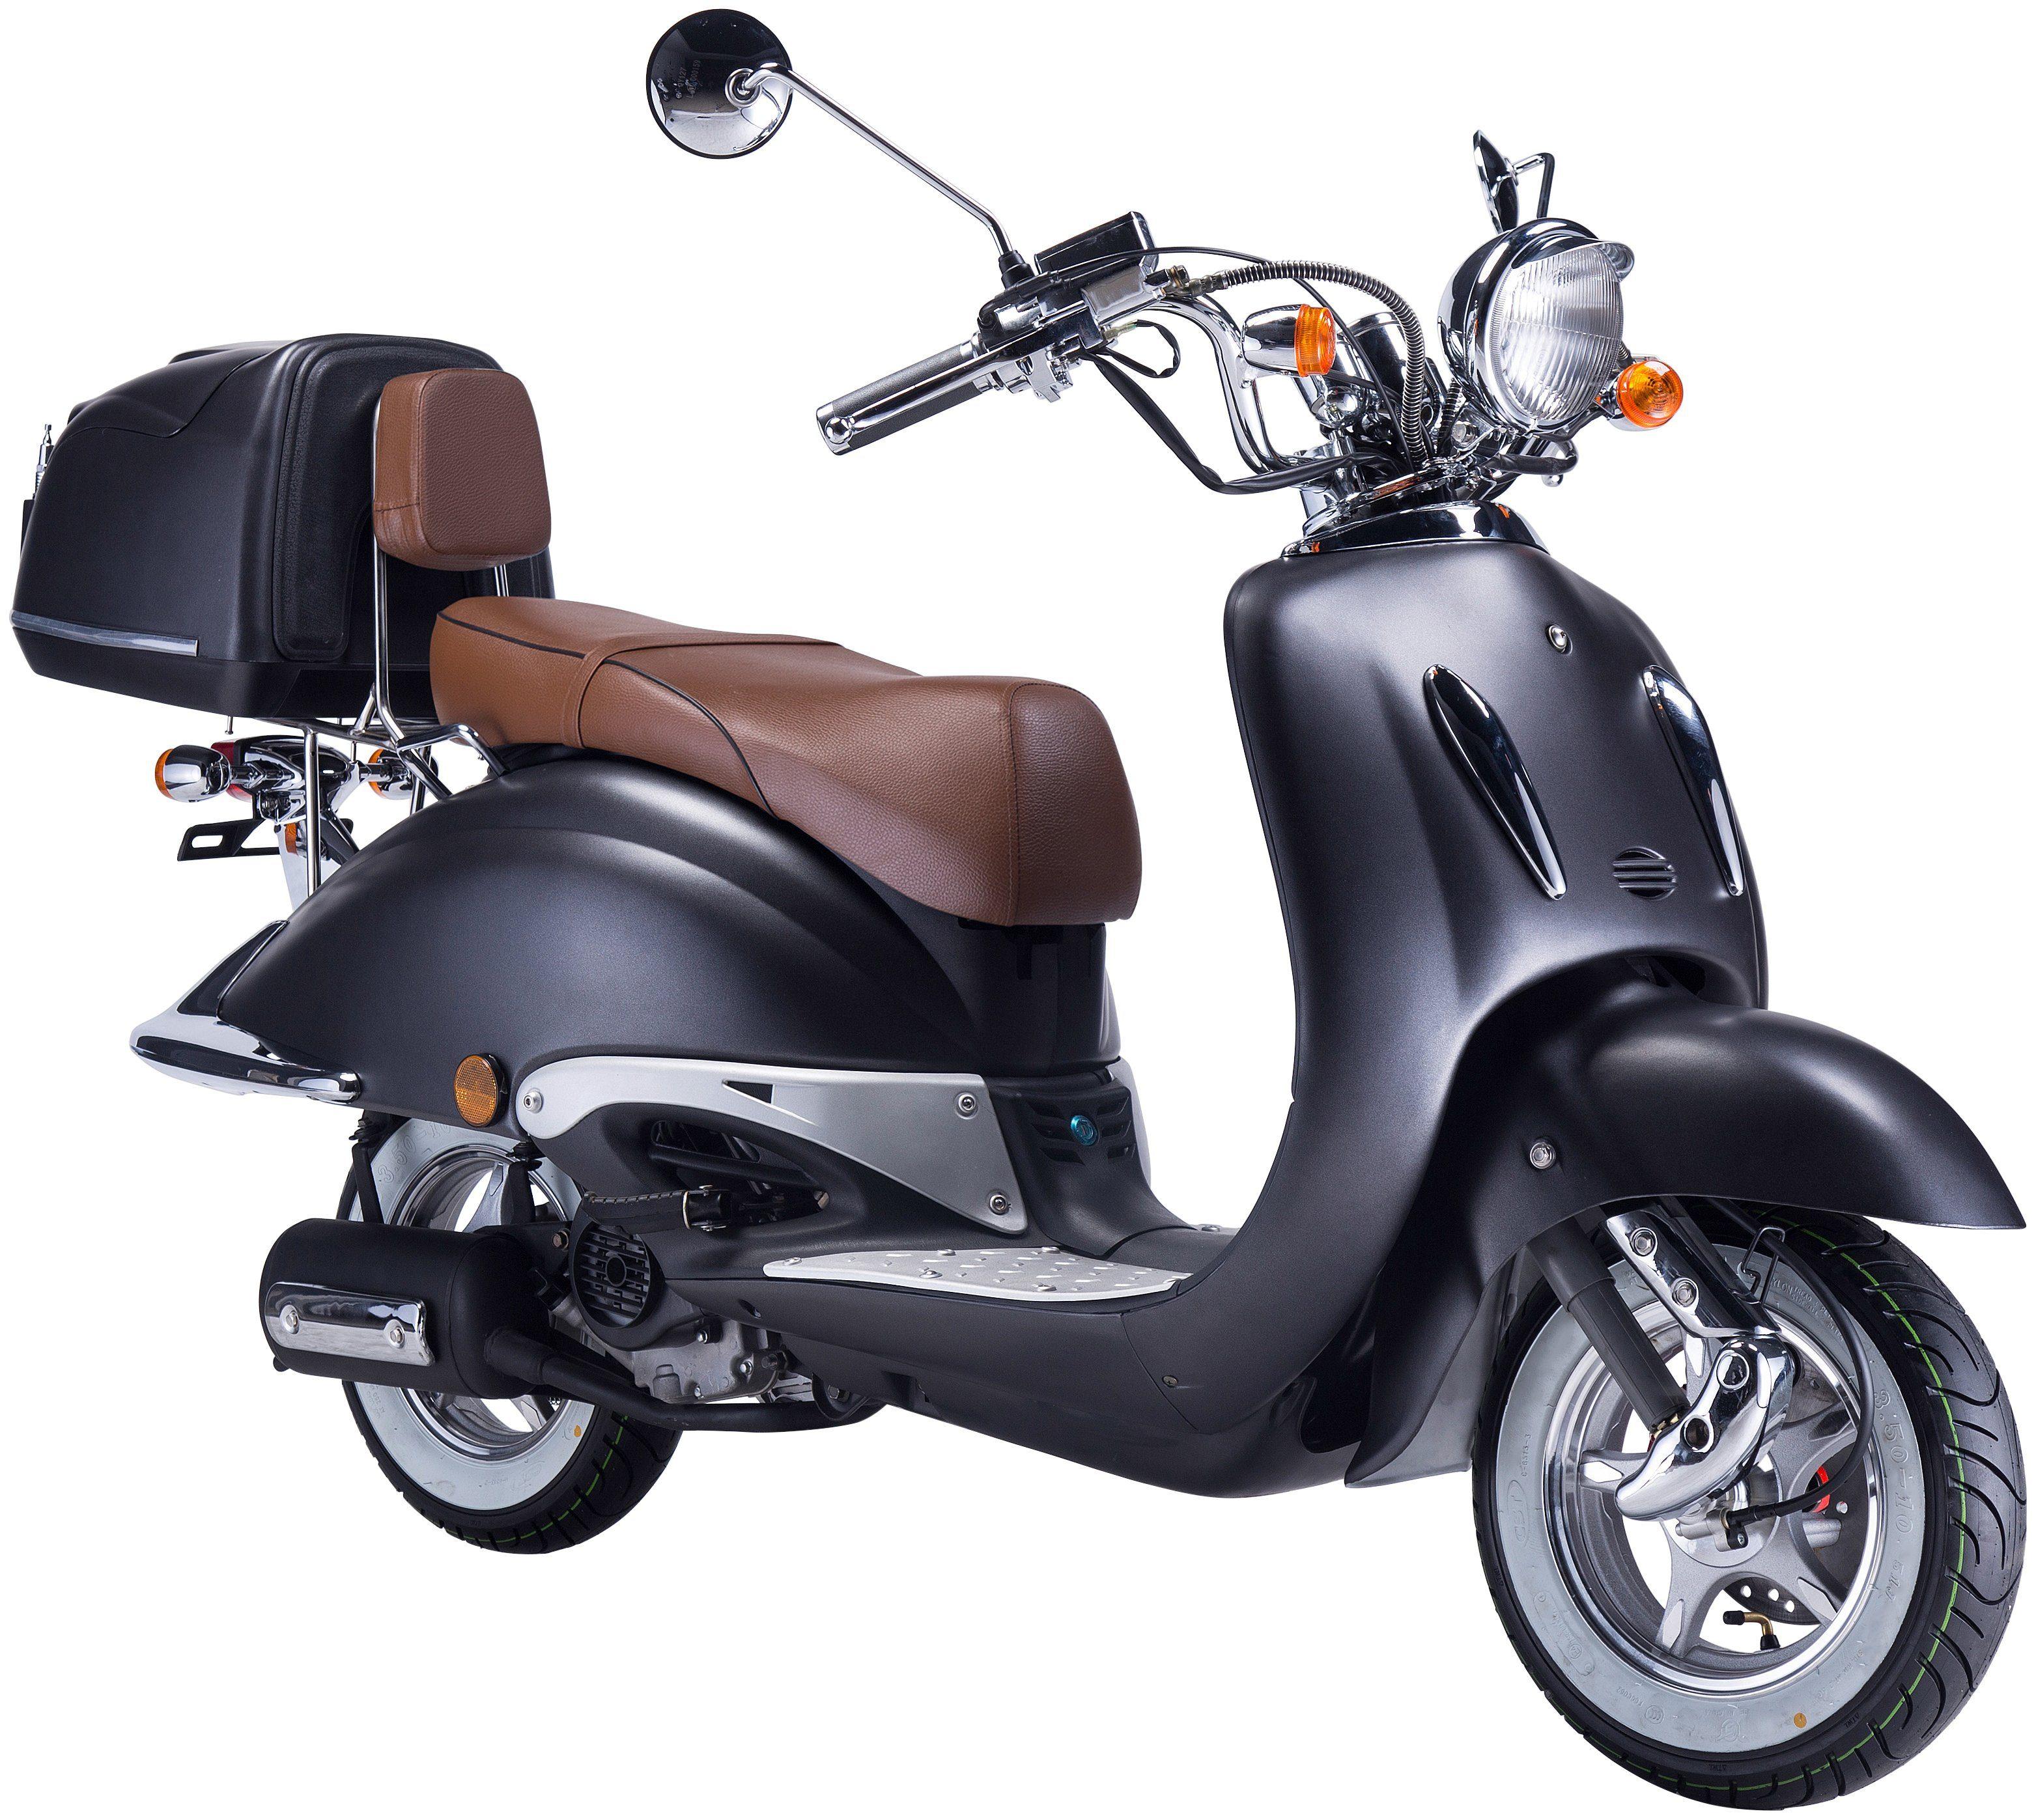 GT UNION Motorroller »Strada«, 50 ccm, mattschwarz-braun